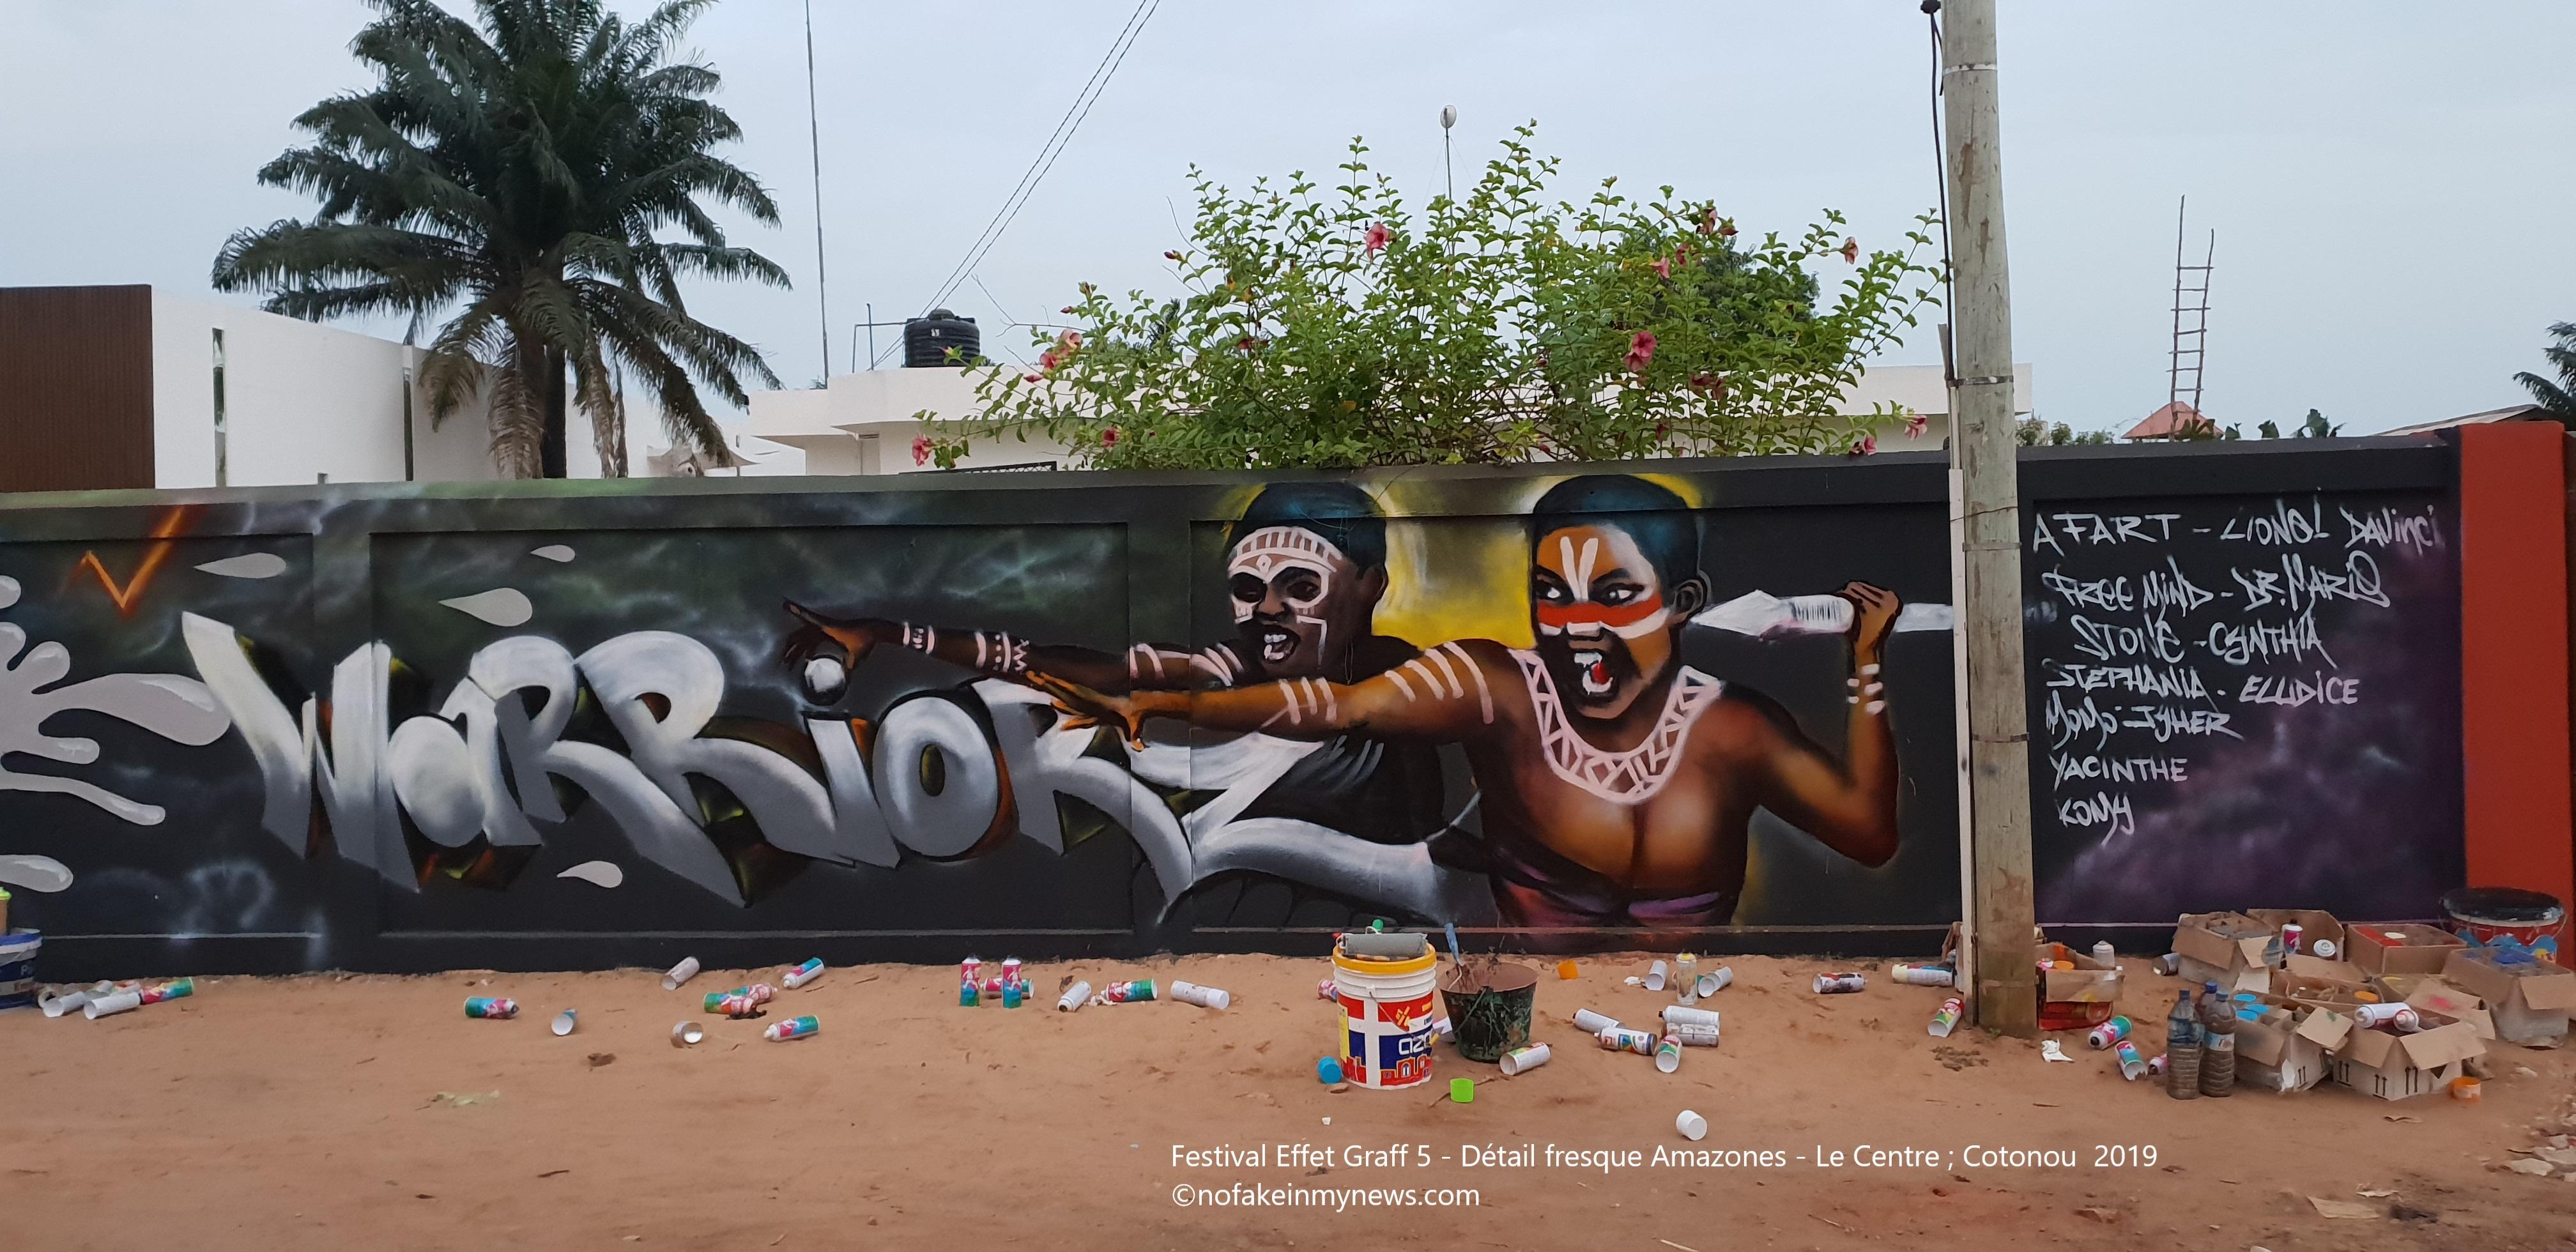 Festival Effet Graff 5 -Détail fresque Amazones - Le Centre Cotonou 2019 - ©nofakeinmynews